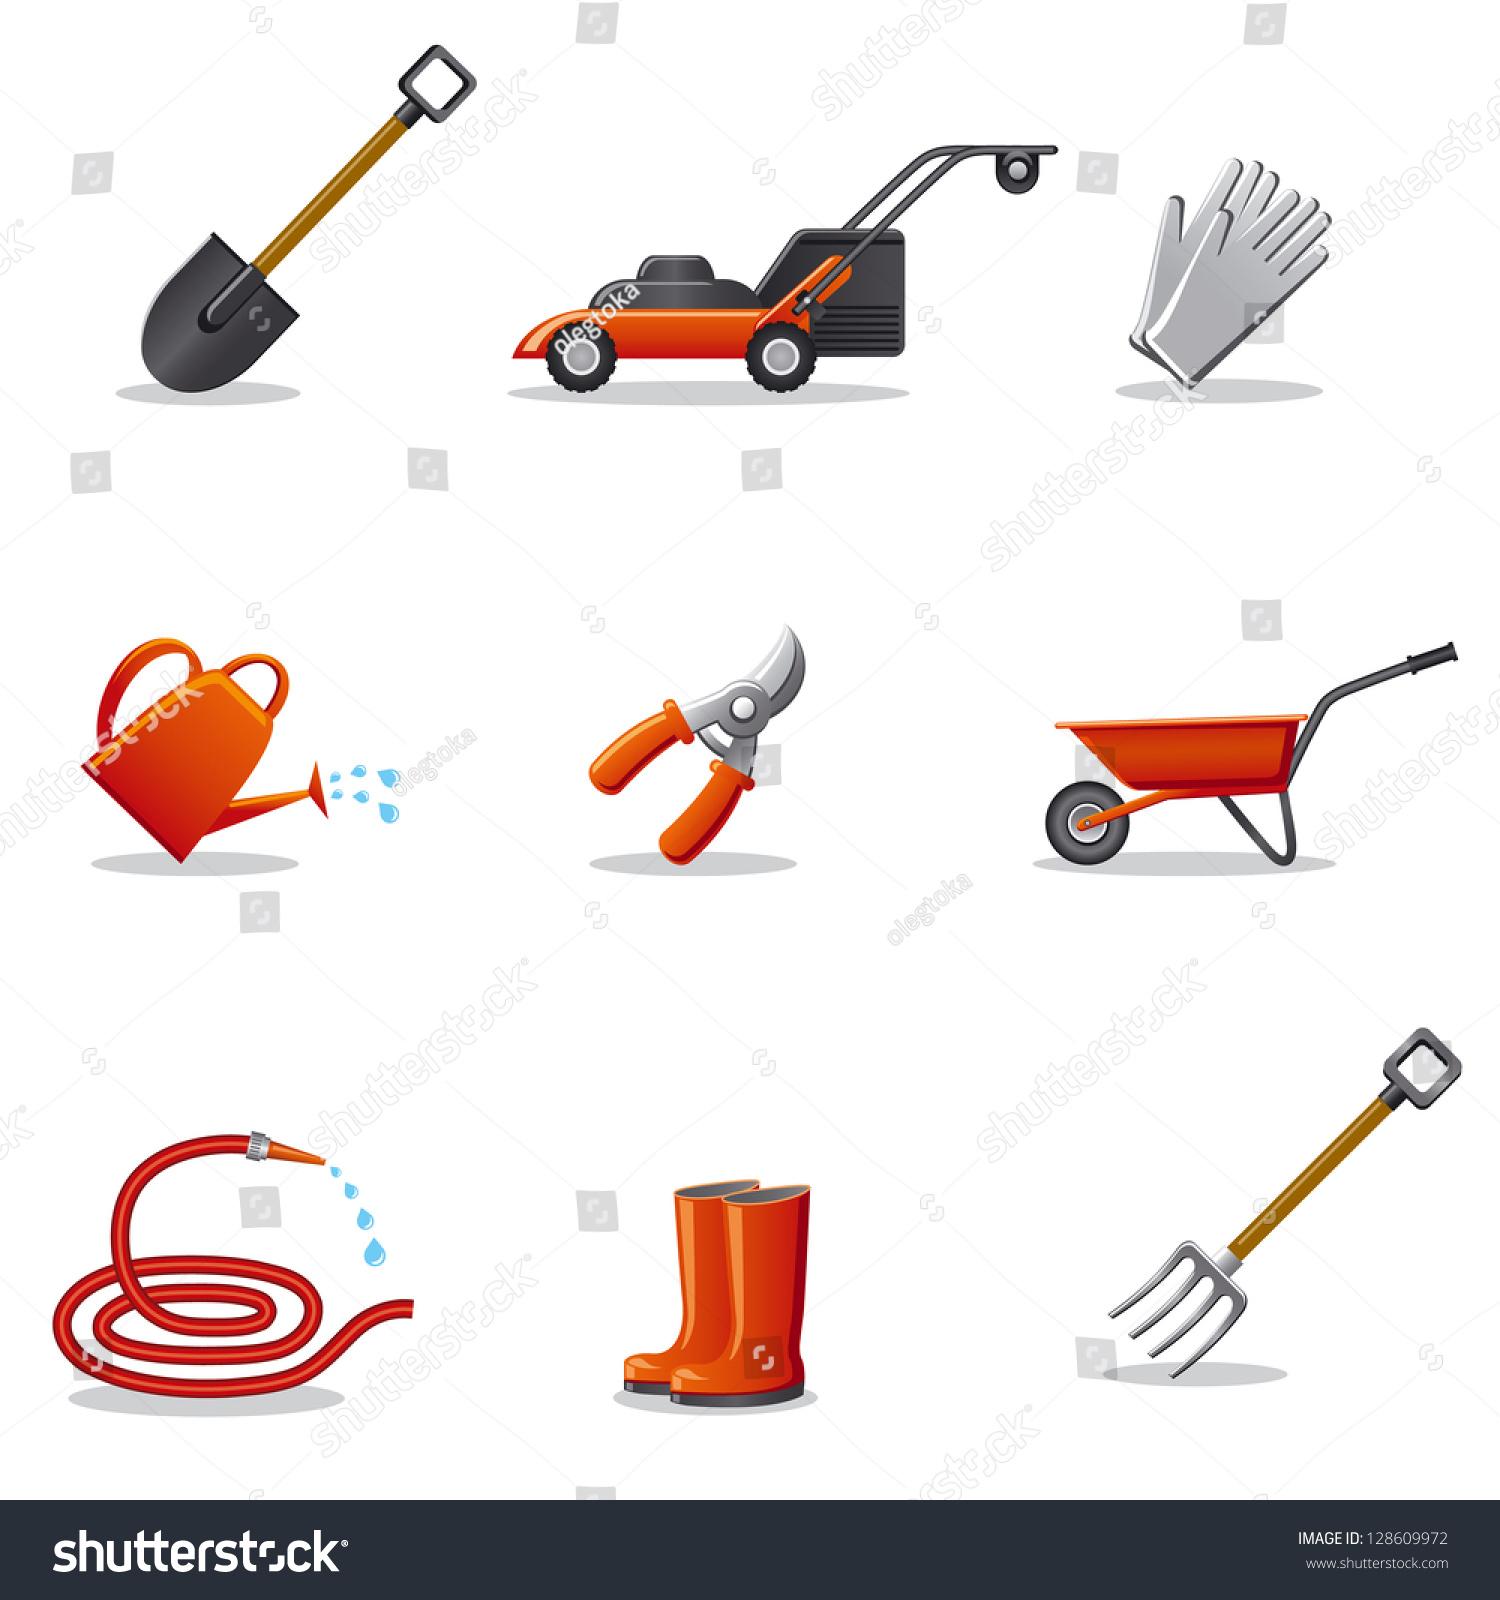 Garden tools icon set stock vector 128609972 shutterstock for Gardening tools vector